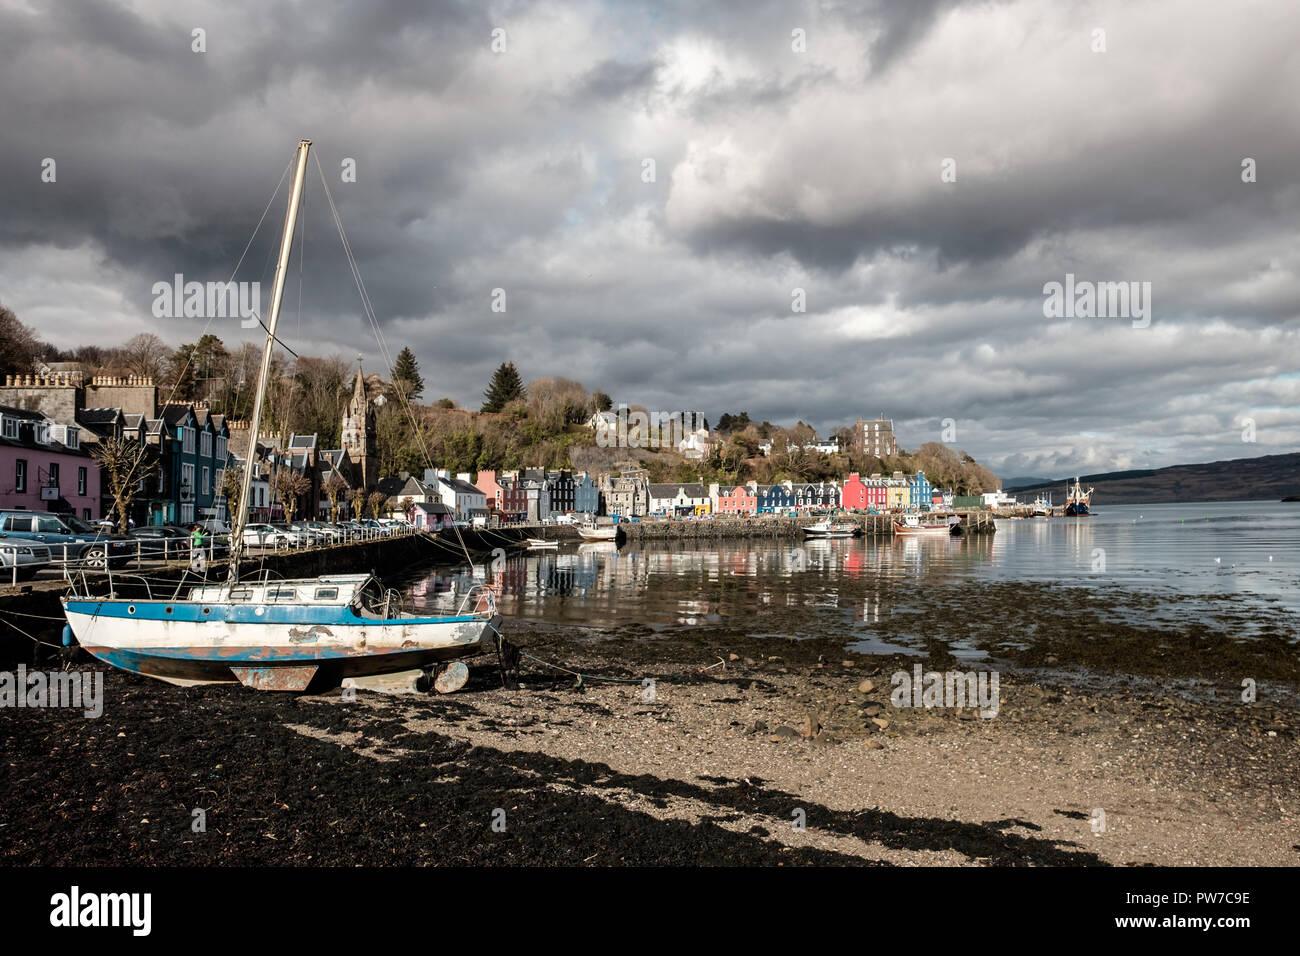 Altes Boot mit Blick von Tobermory Stadt im Hintergrund, Mittwoch, 11 April 2018, Tobermory, Schottland Stockbild